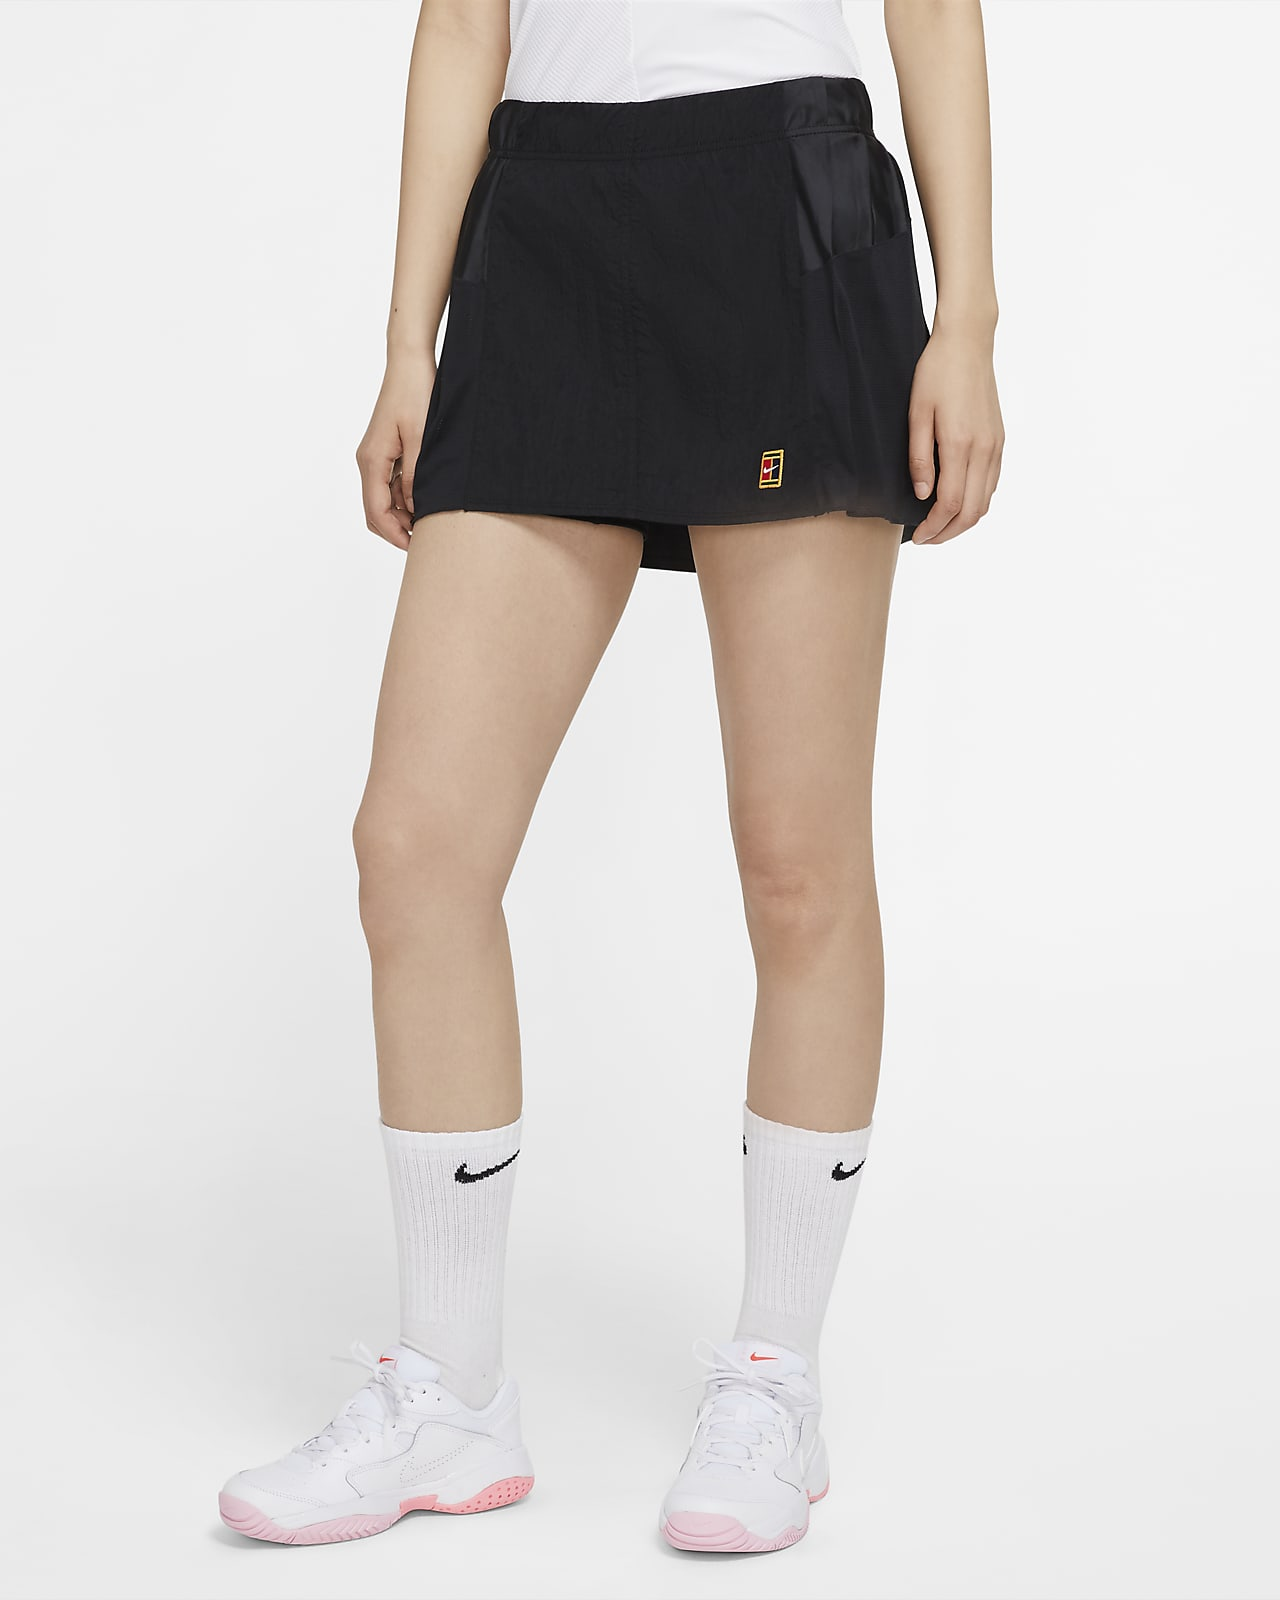 Nikecourt Slam Women S Tennis Skirt Nike Lu